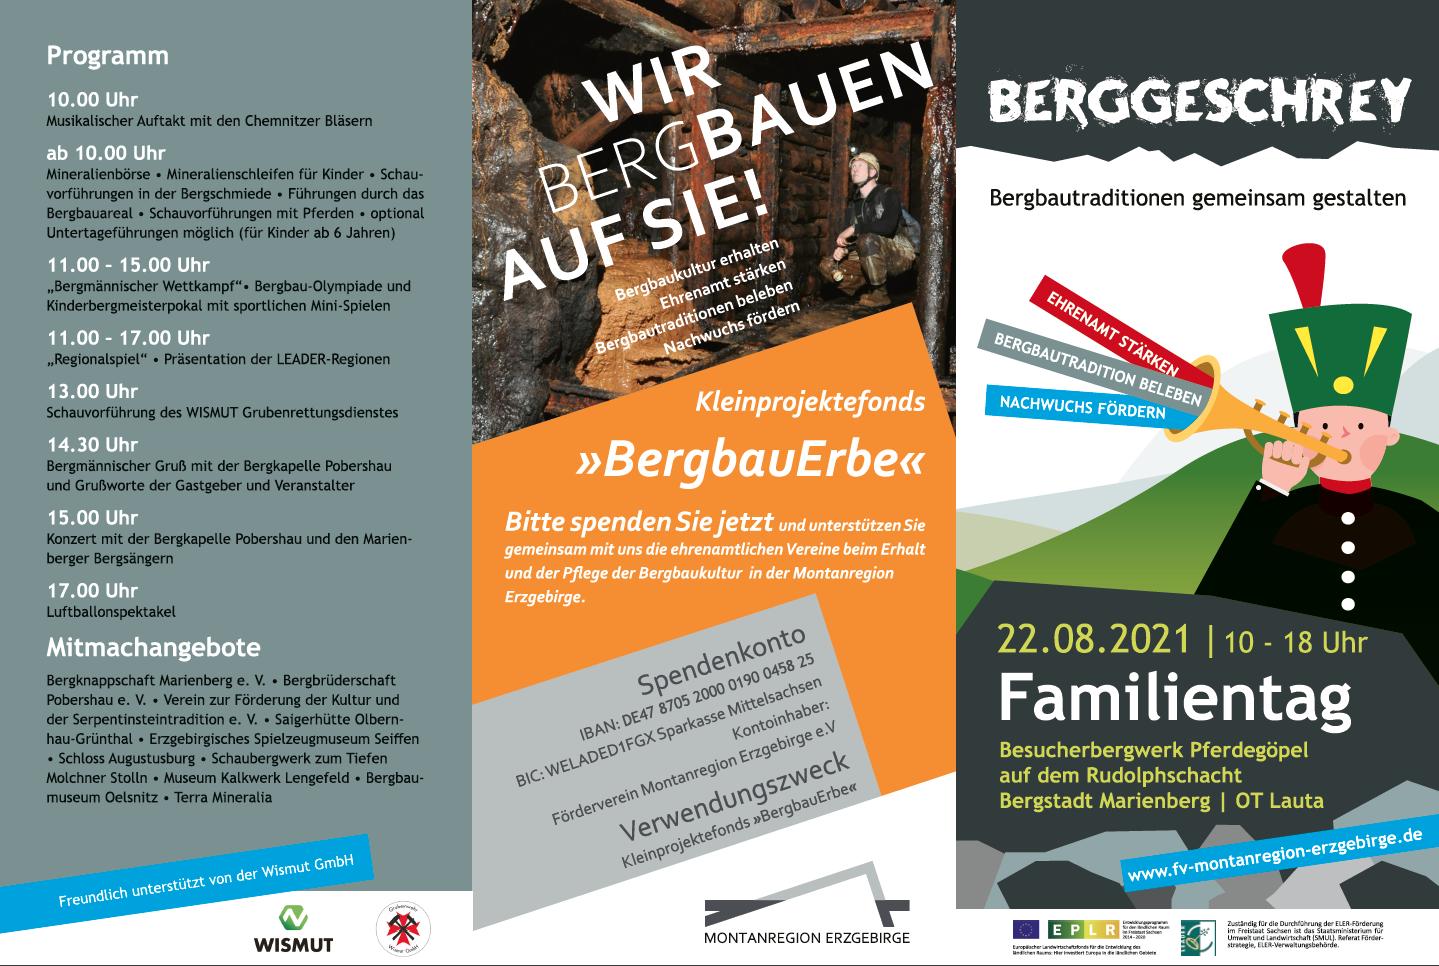 Bergmännischer Familientag Programm 2020